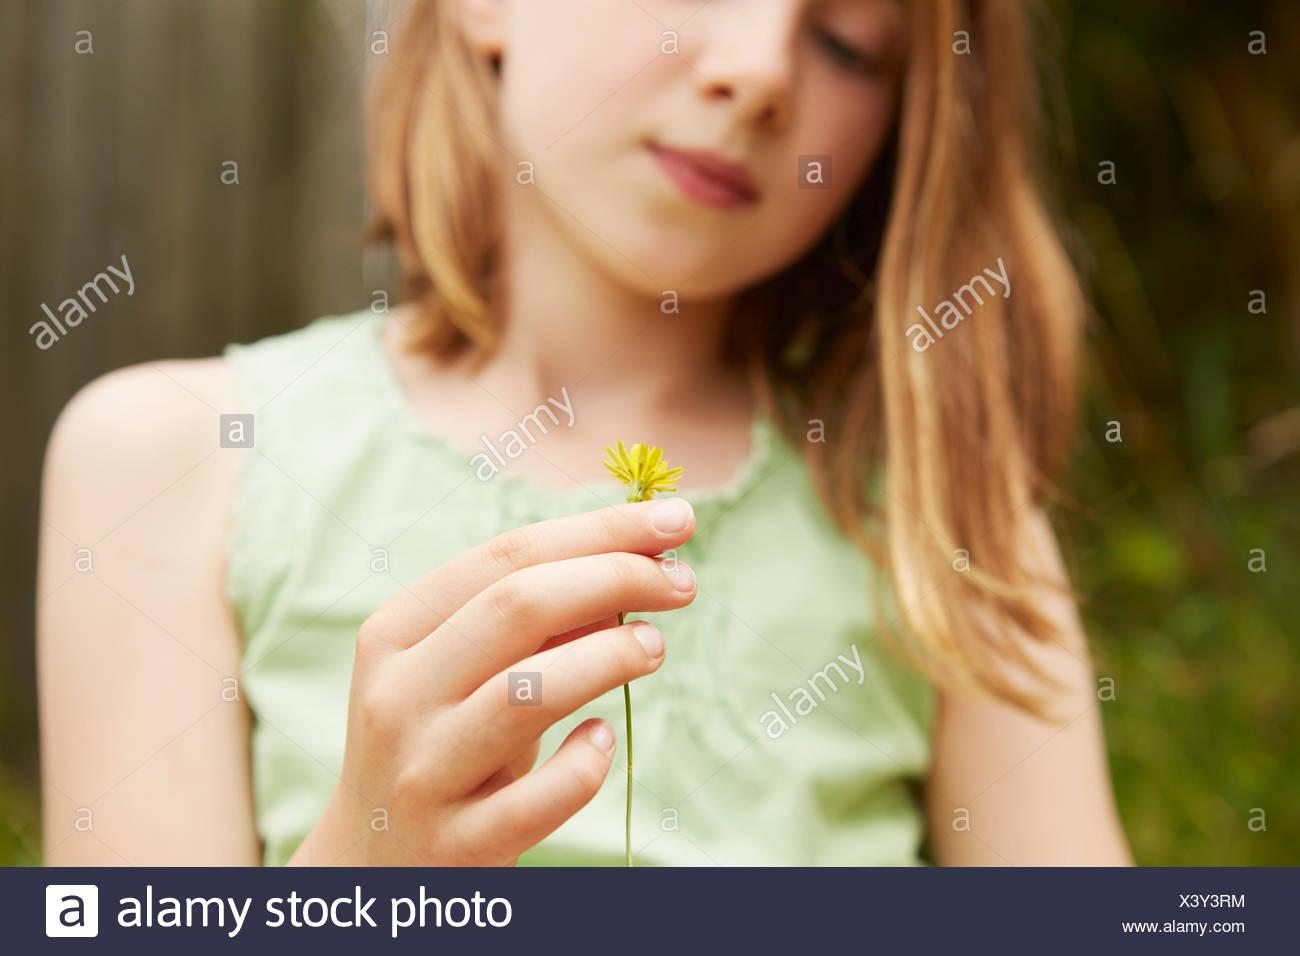 Captura recortada de chica con celebración flor diente de león Imagen De Stock